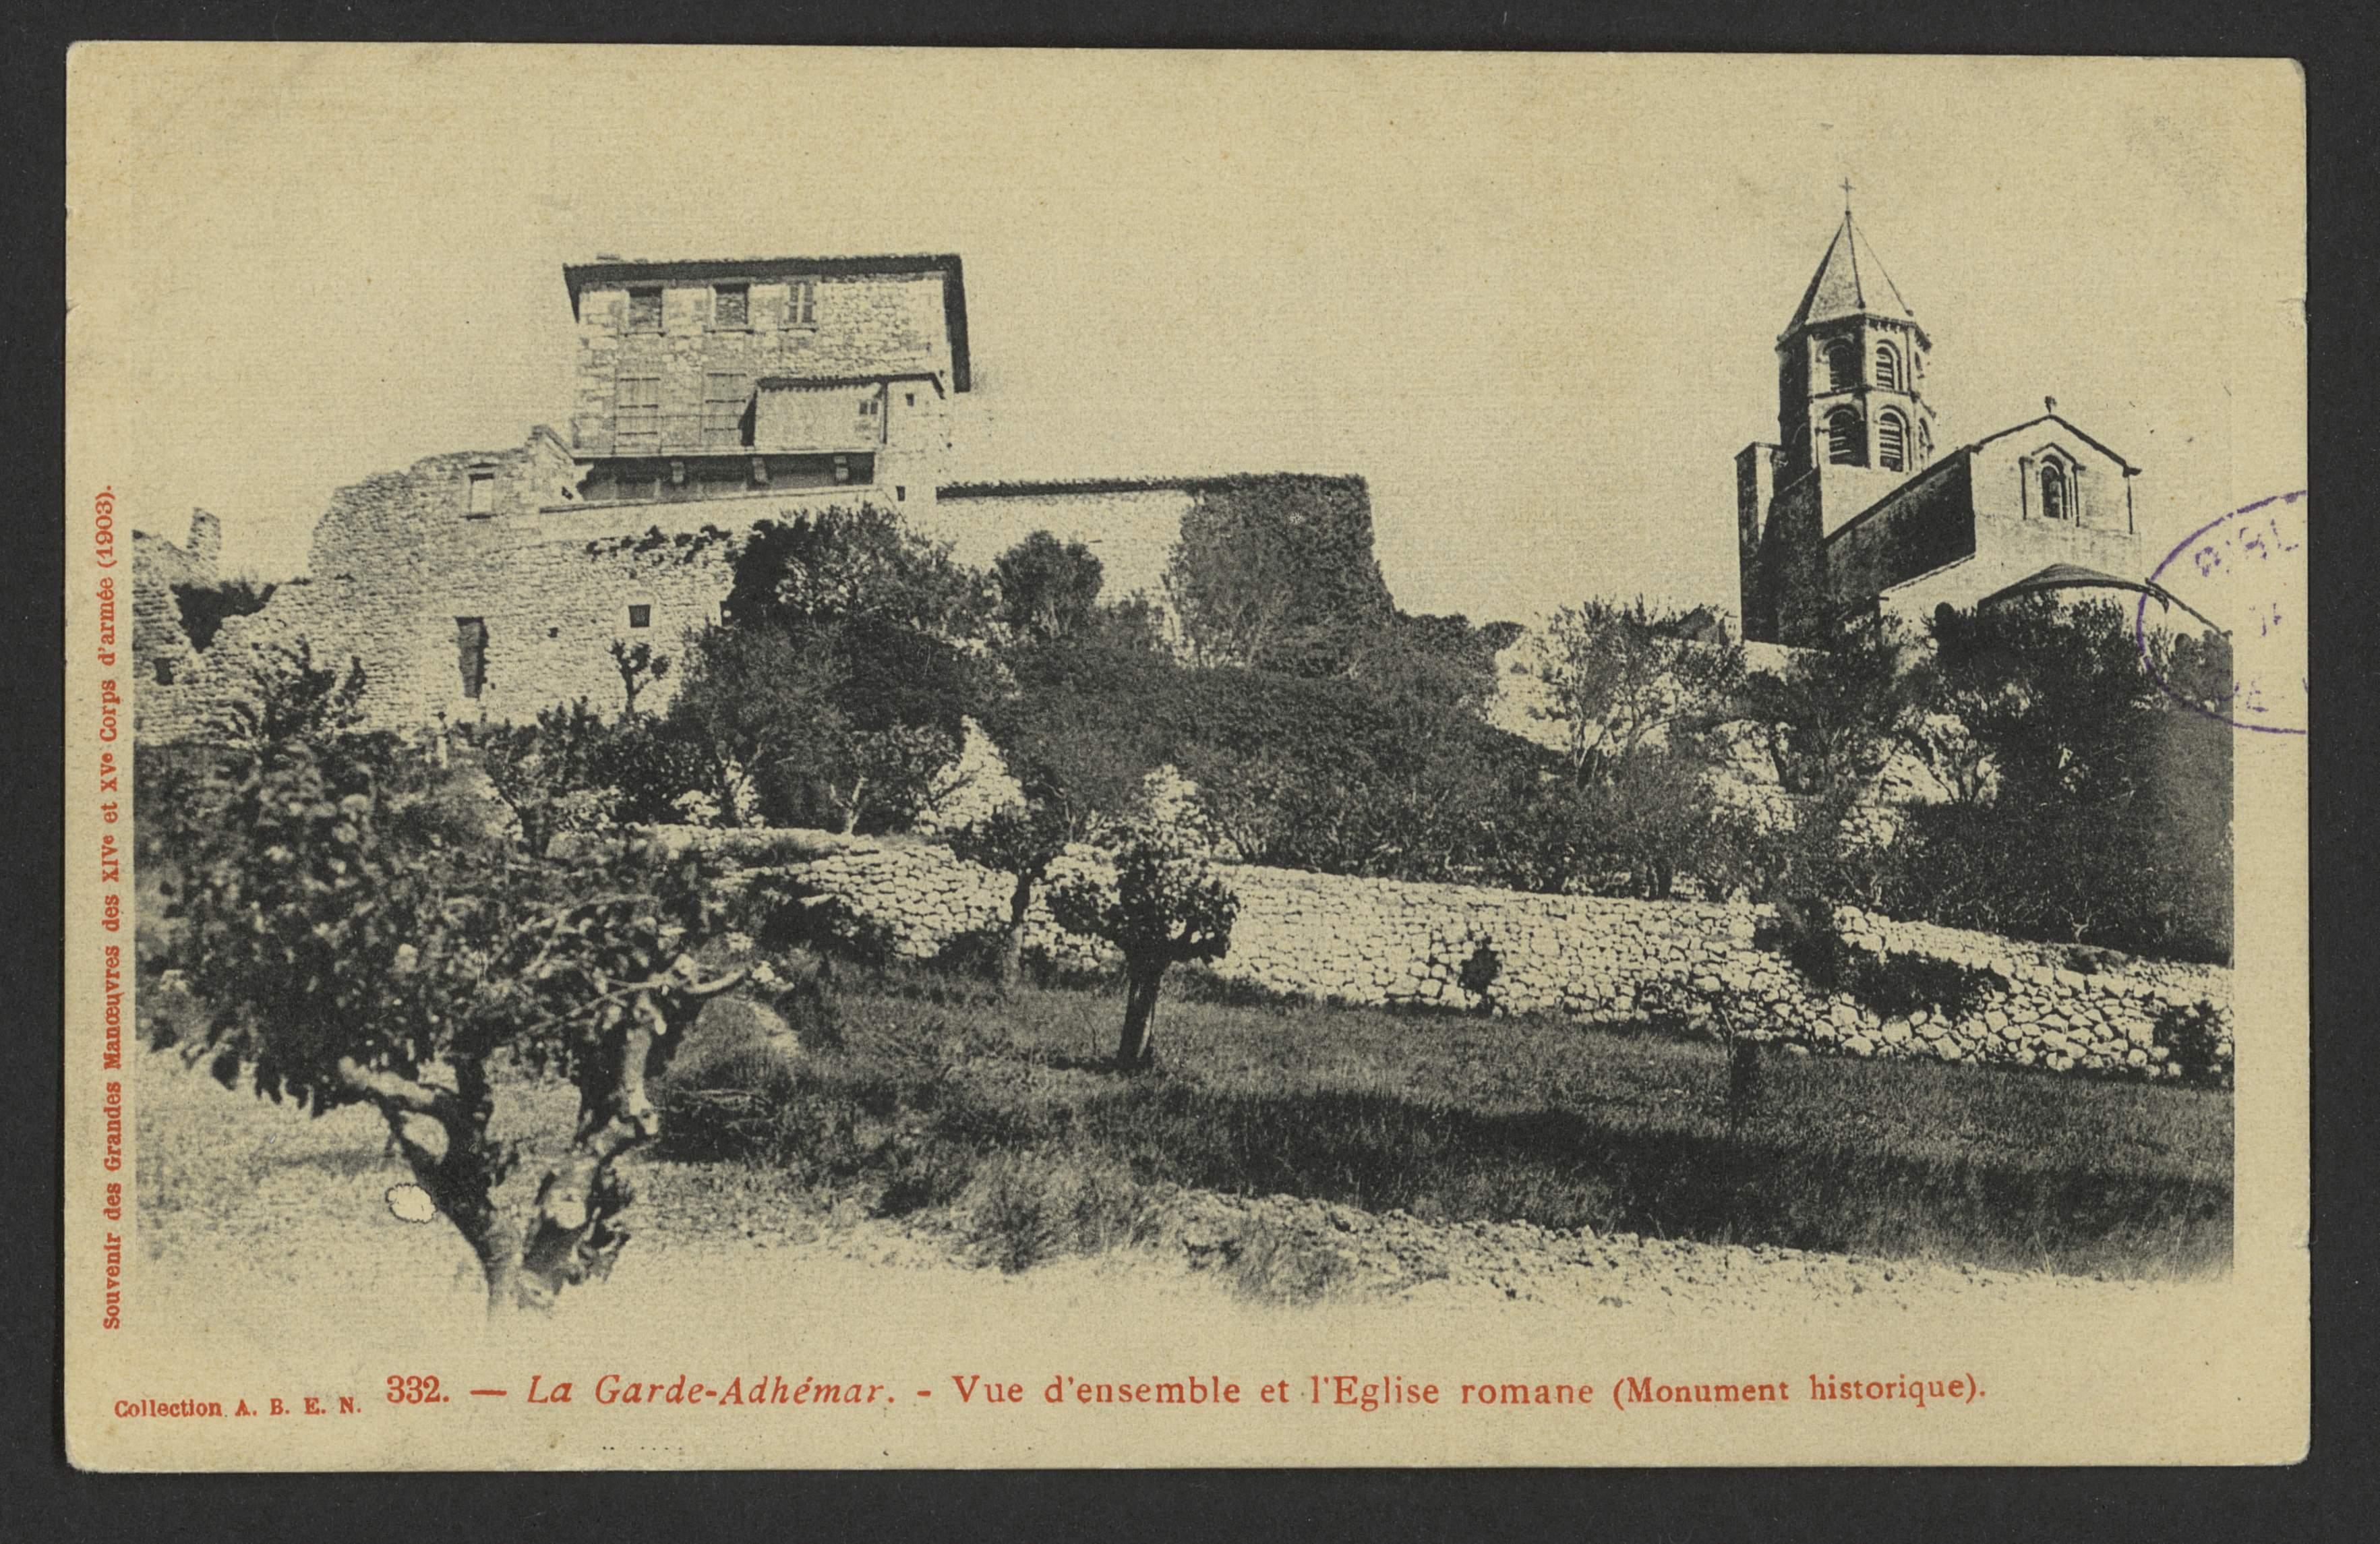 La Garde-Adhémar - Vue d'ensemble et l'Eglise romane (monument historique)